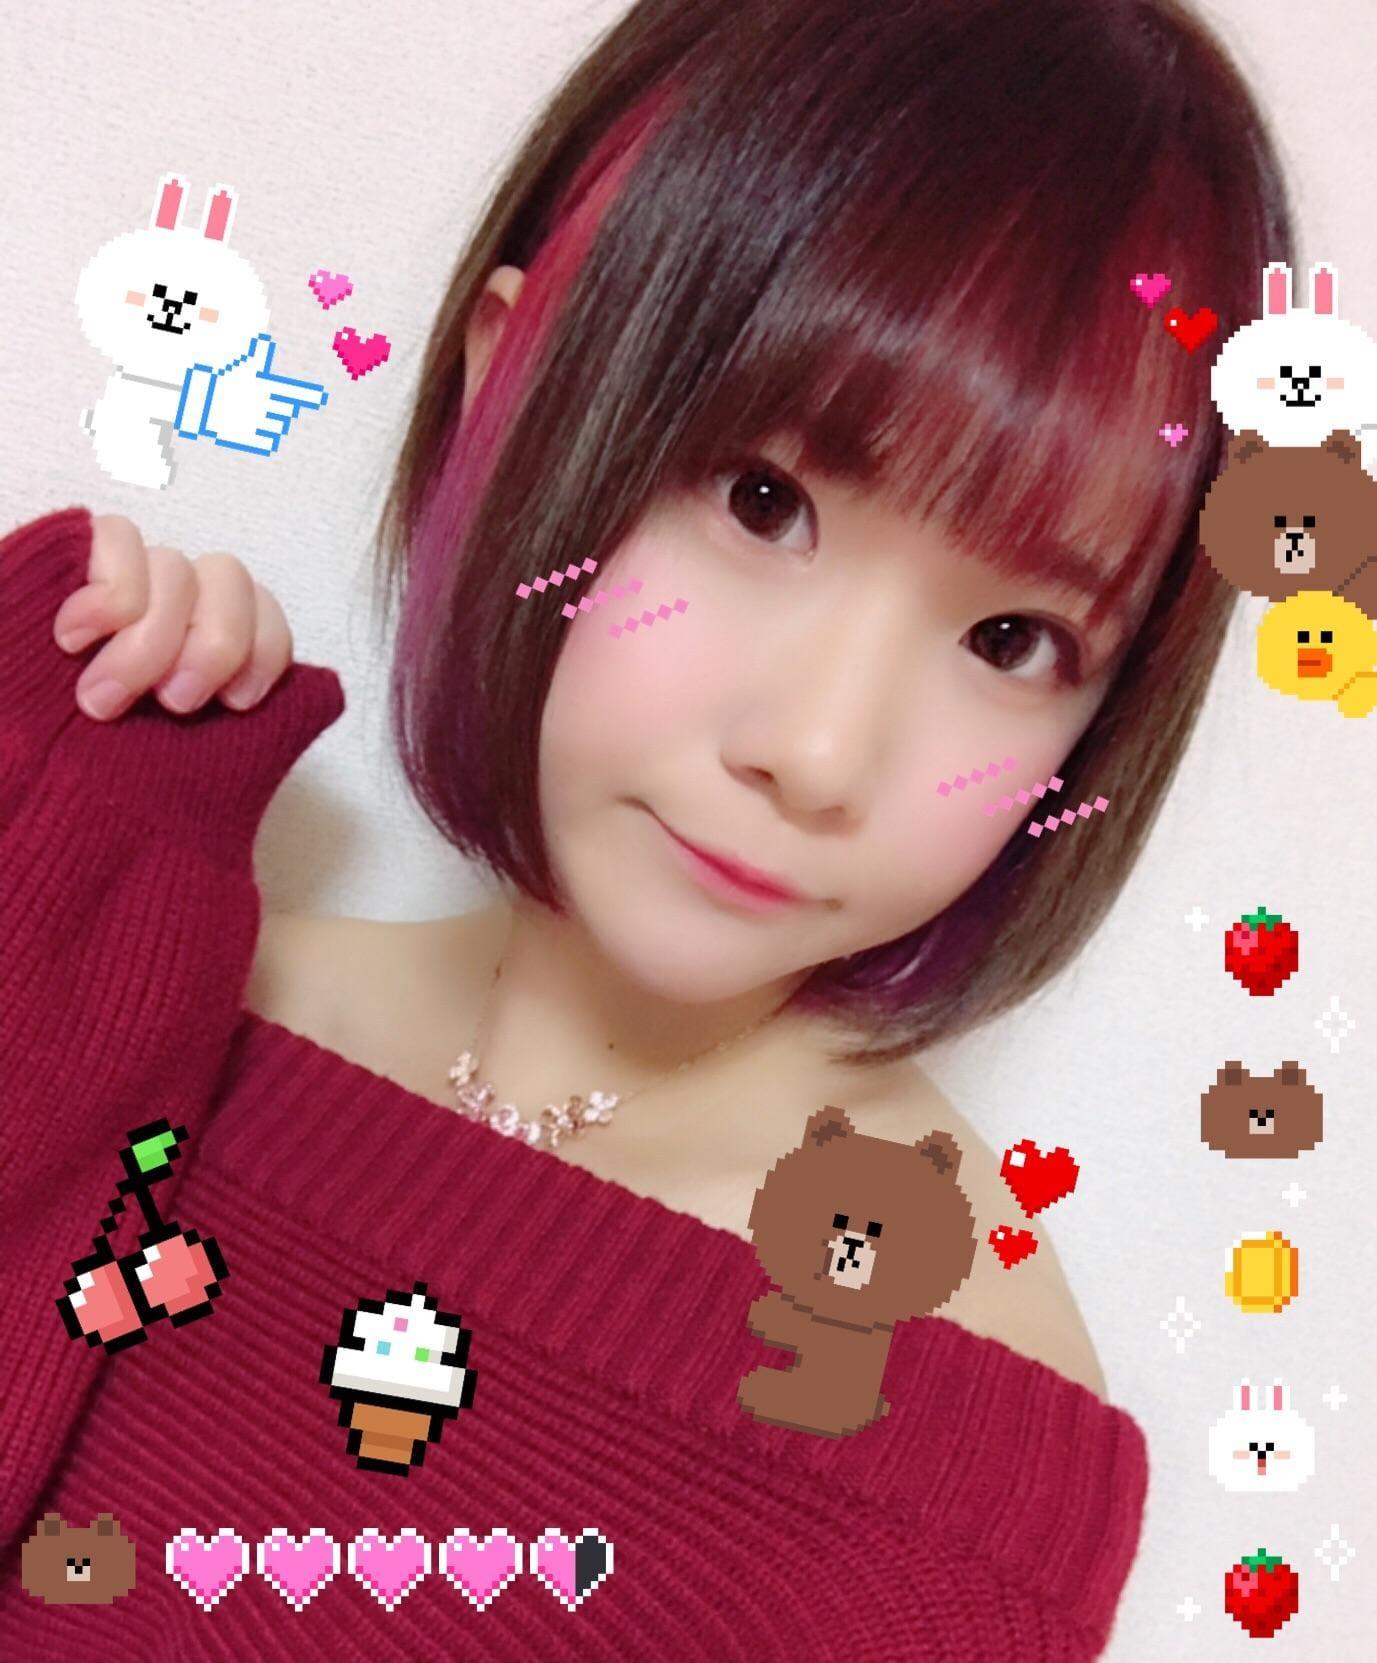 「お礼!」01/19(01/19) 19:57 | みわの写メ・風俗動画